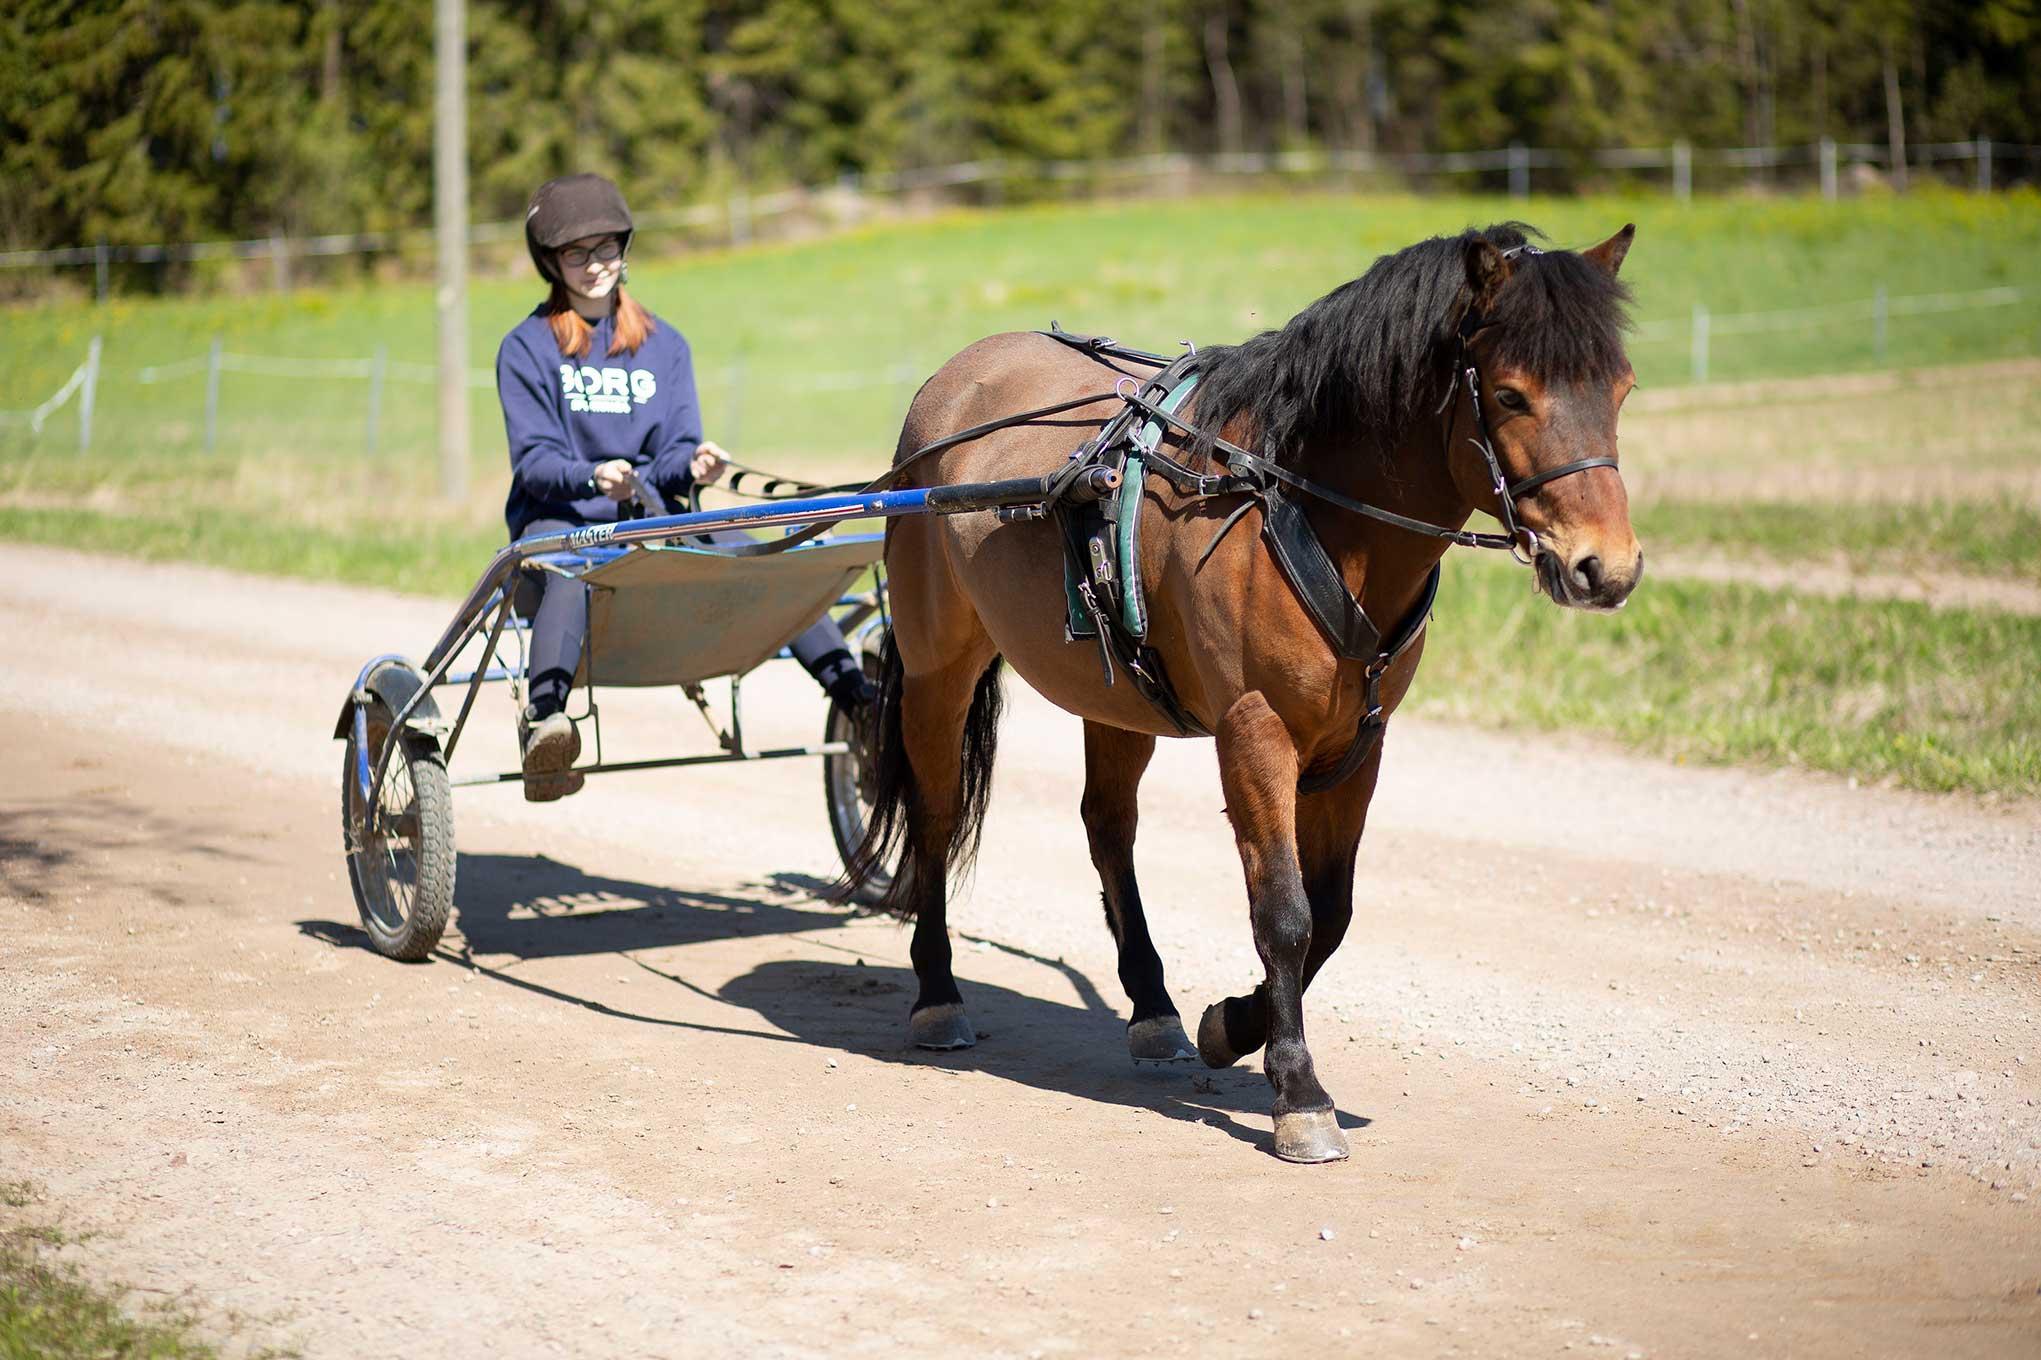 Opiskelijatyttö istuu hevoskärryssä, jota vetää ruskea hevonen.